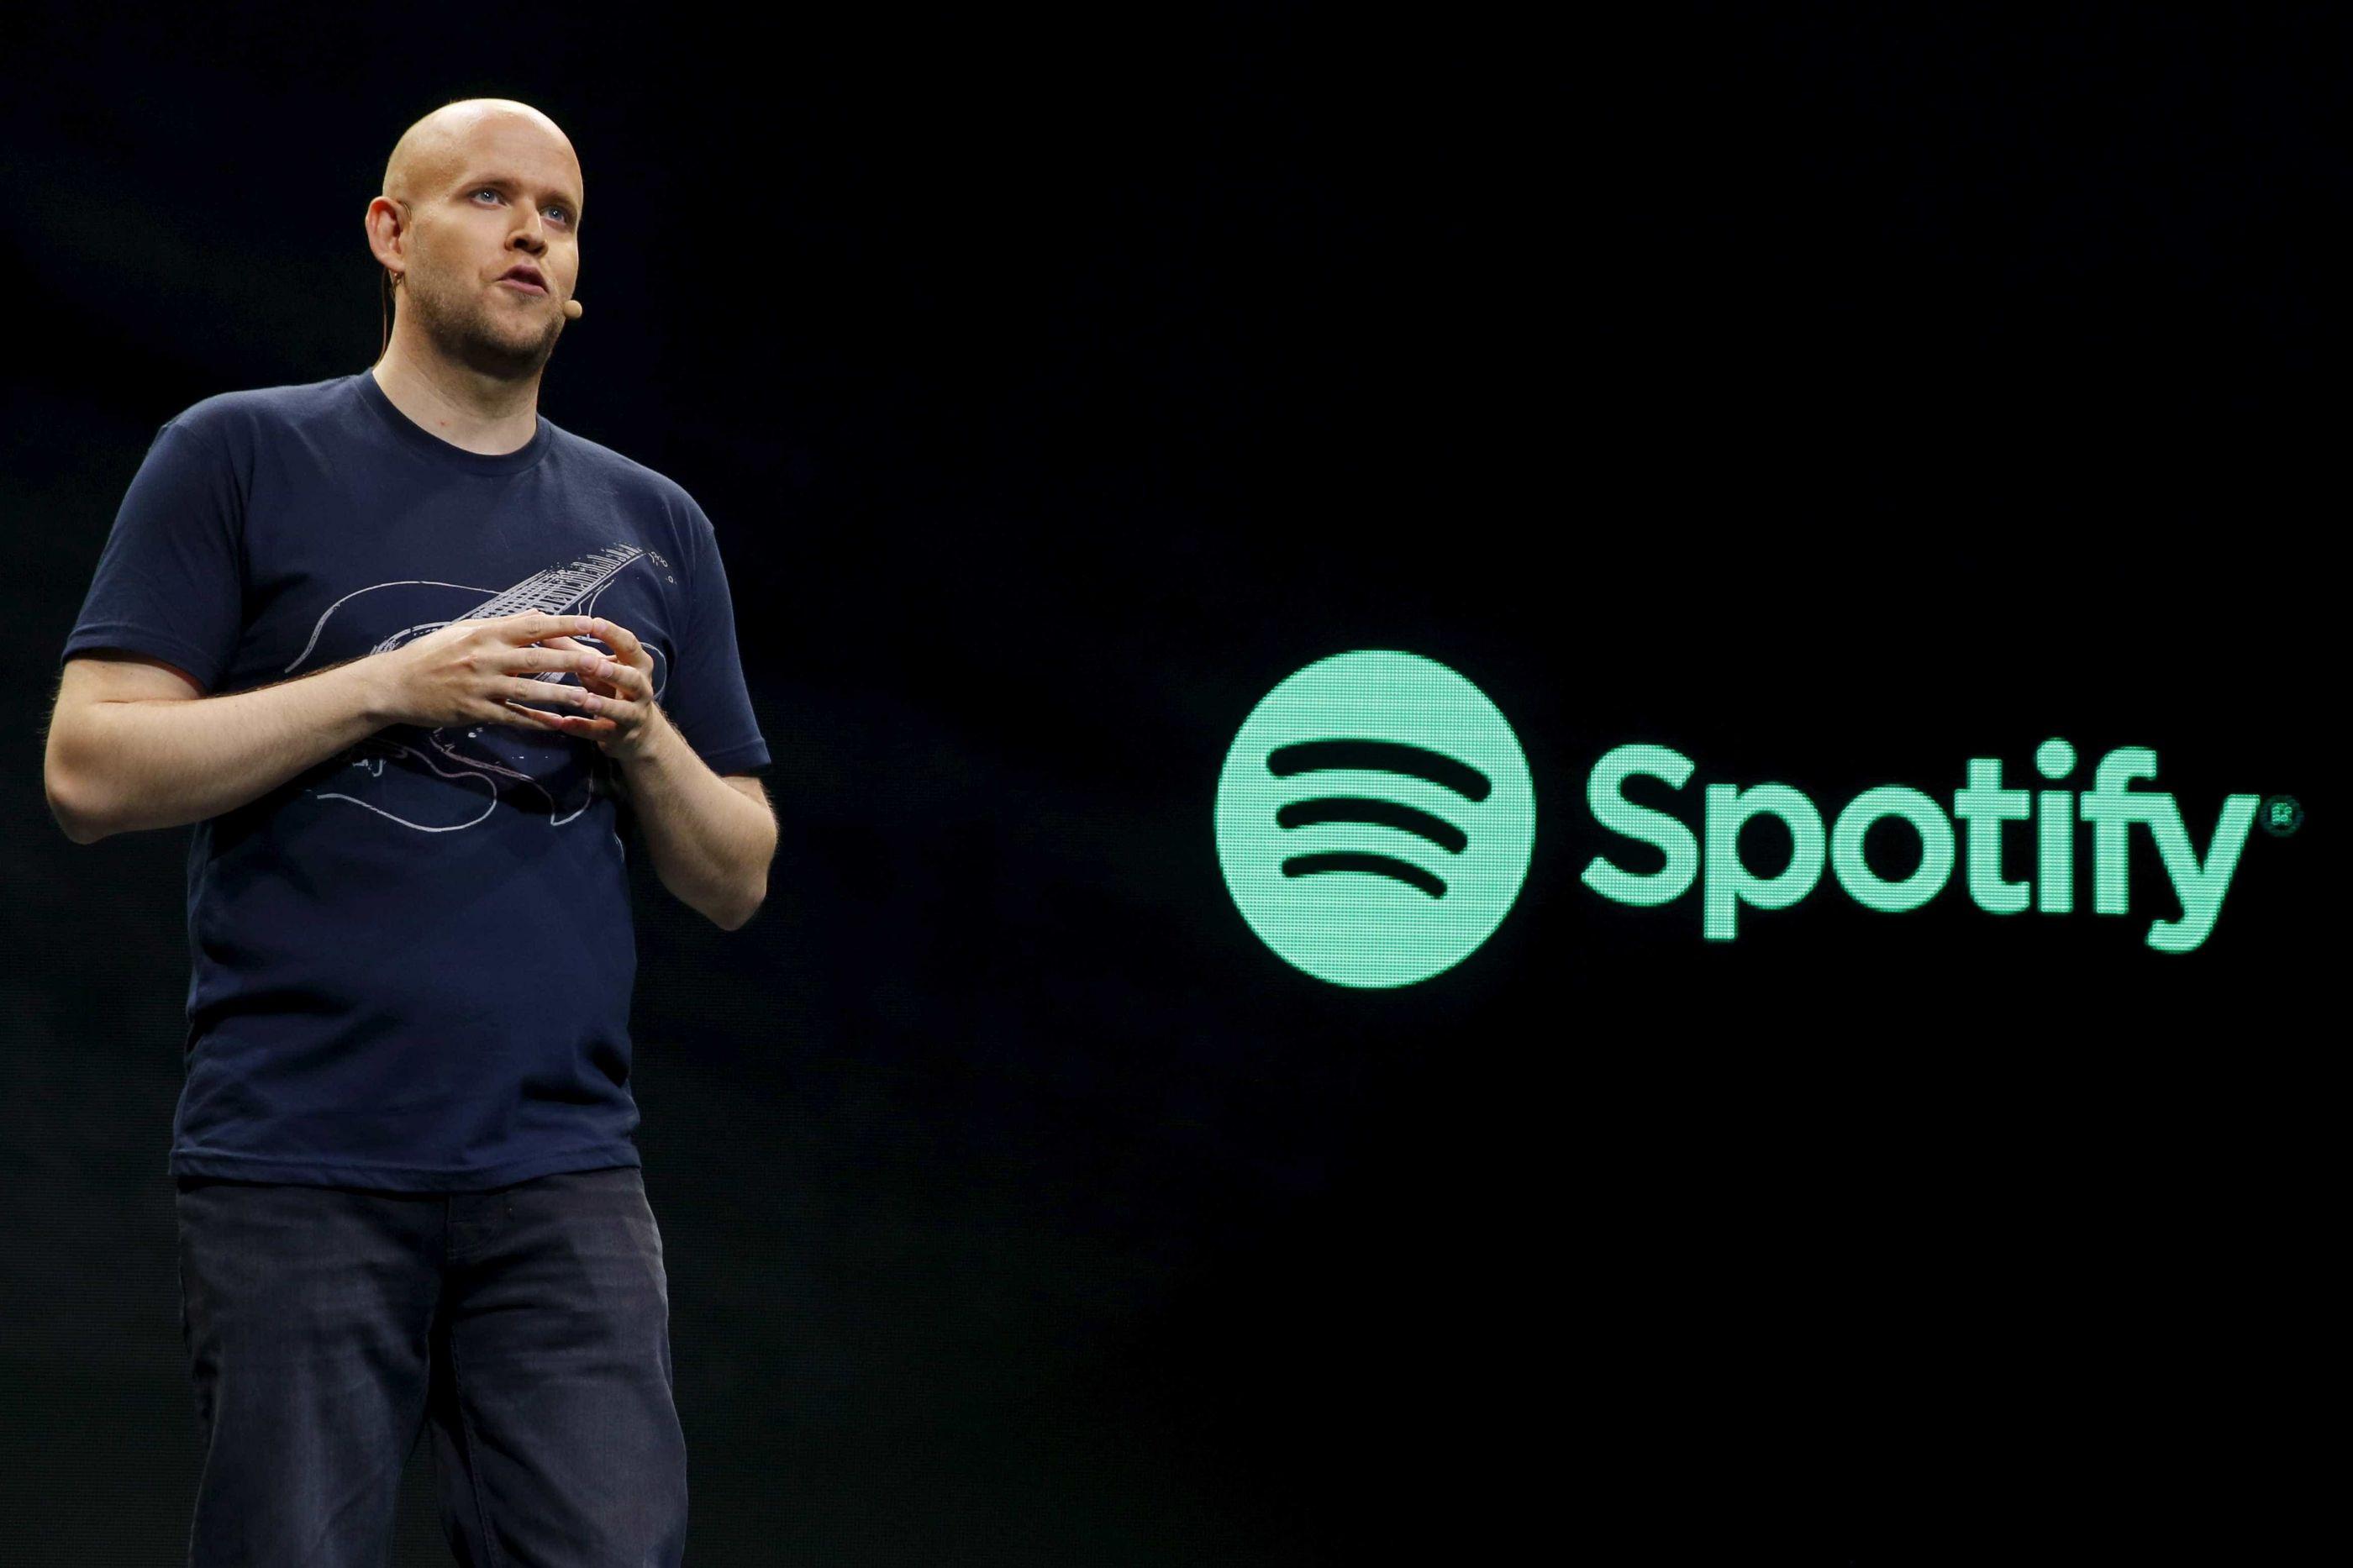 Nova regra do Spotify pode levar à suspensão de contas; entenda